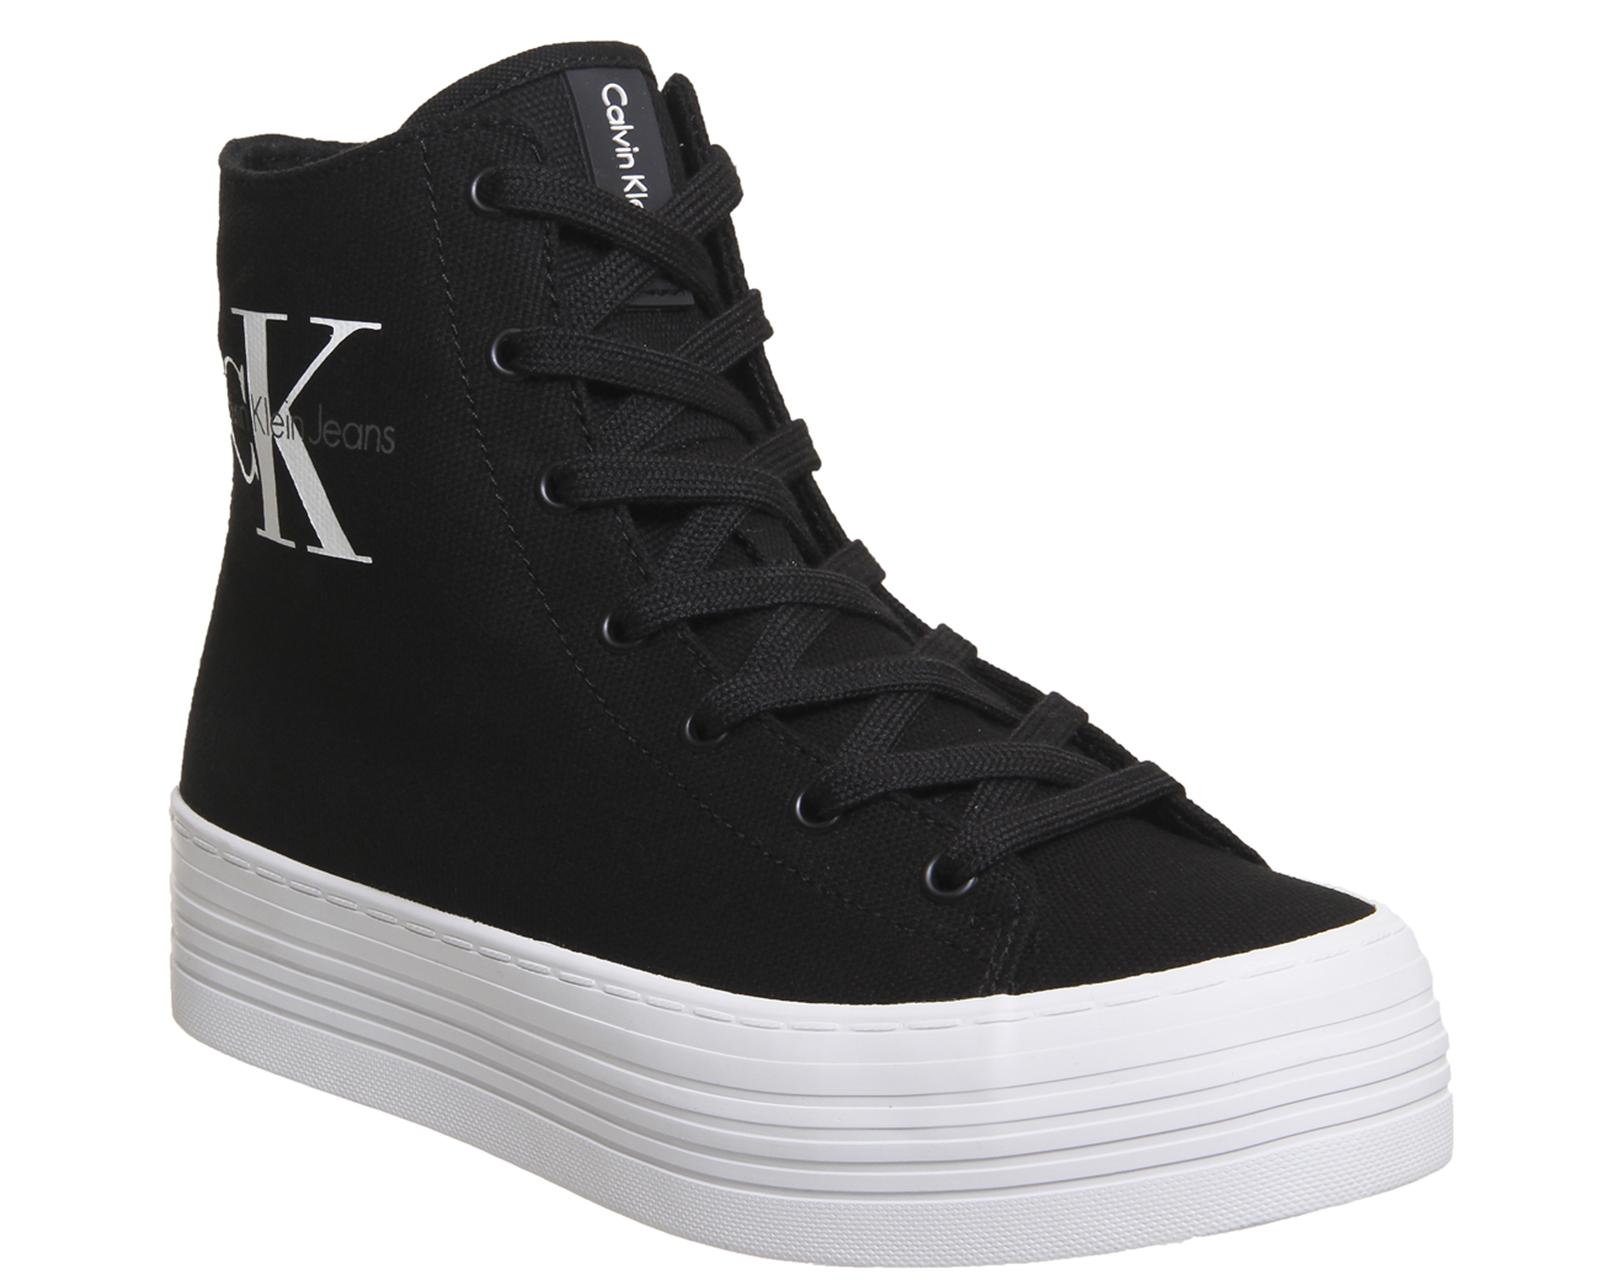 chaussures d'automne pas cher à vendre nouvelle saison Détails sur Chaussures femme Calvin Klein Zabrina montantes compensées  Baskets en Toile Noir Baskets Chaussures- afficher le titre d'origine